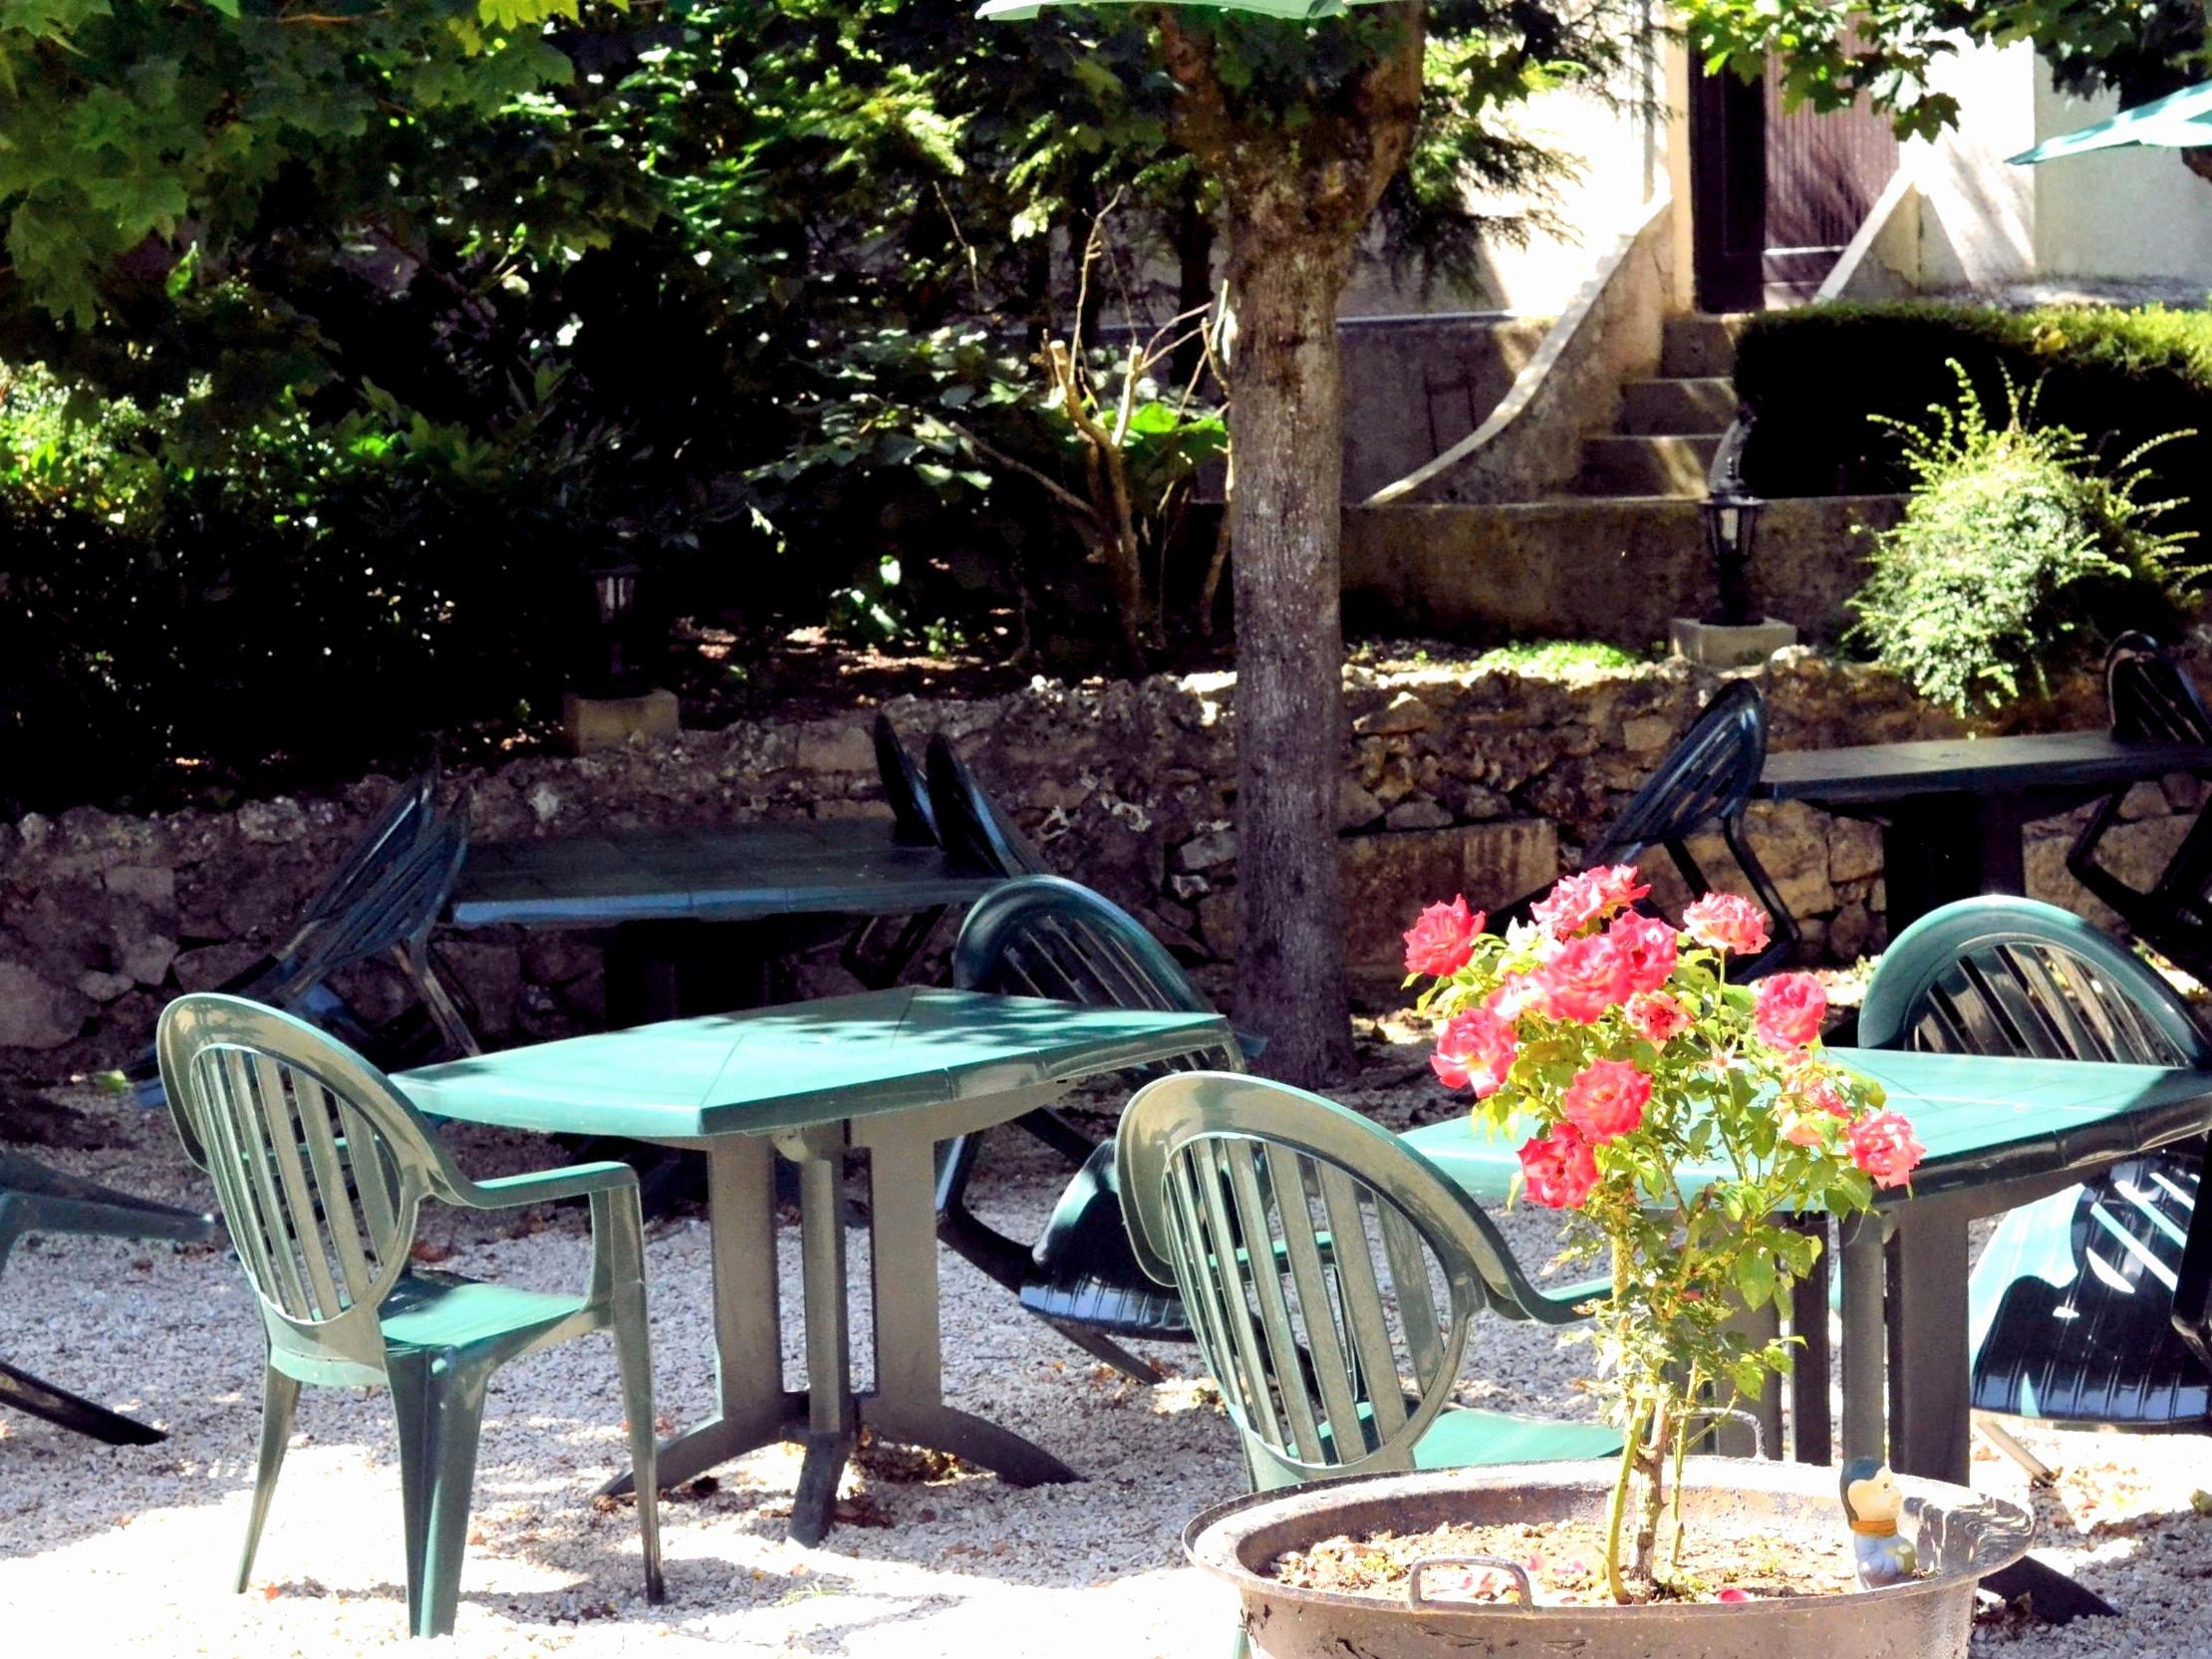 Bassin Jardin Moderne Unique Stock Jardin Japonais Pas Cher Ainsi Que Imposant Jardin A Visiter Lovely